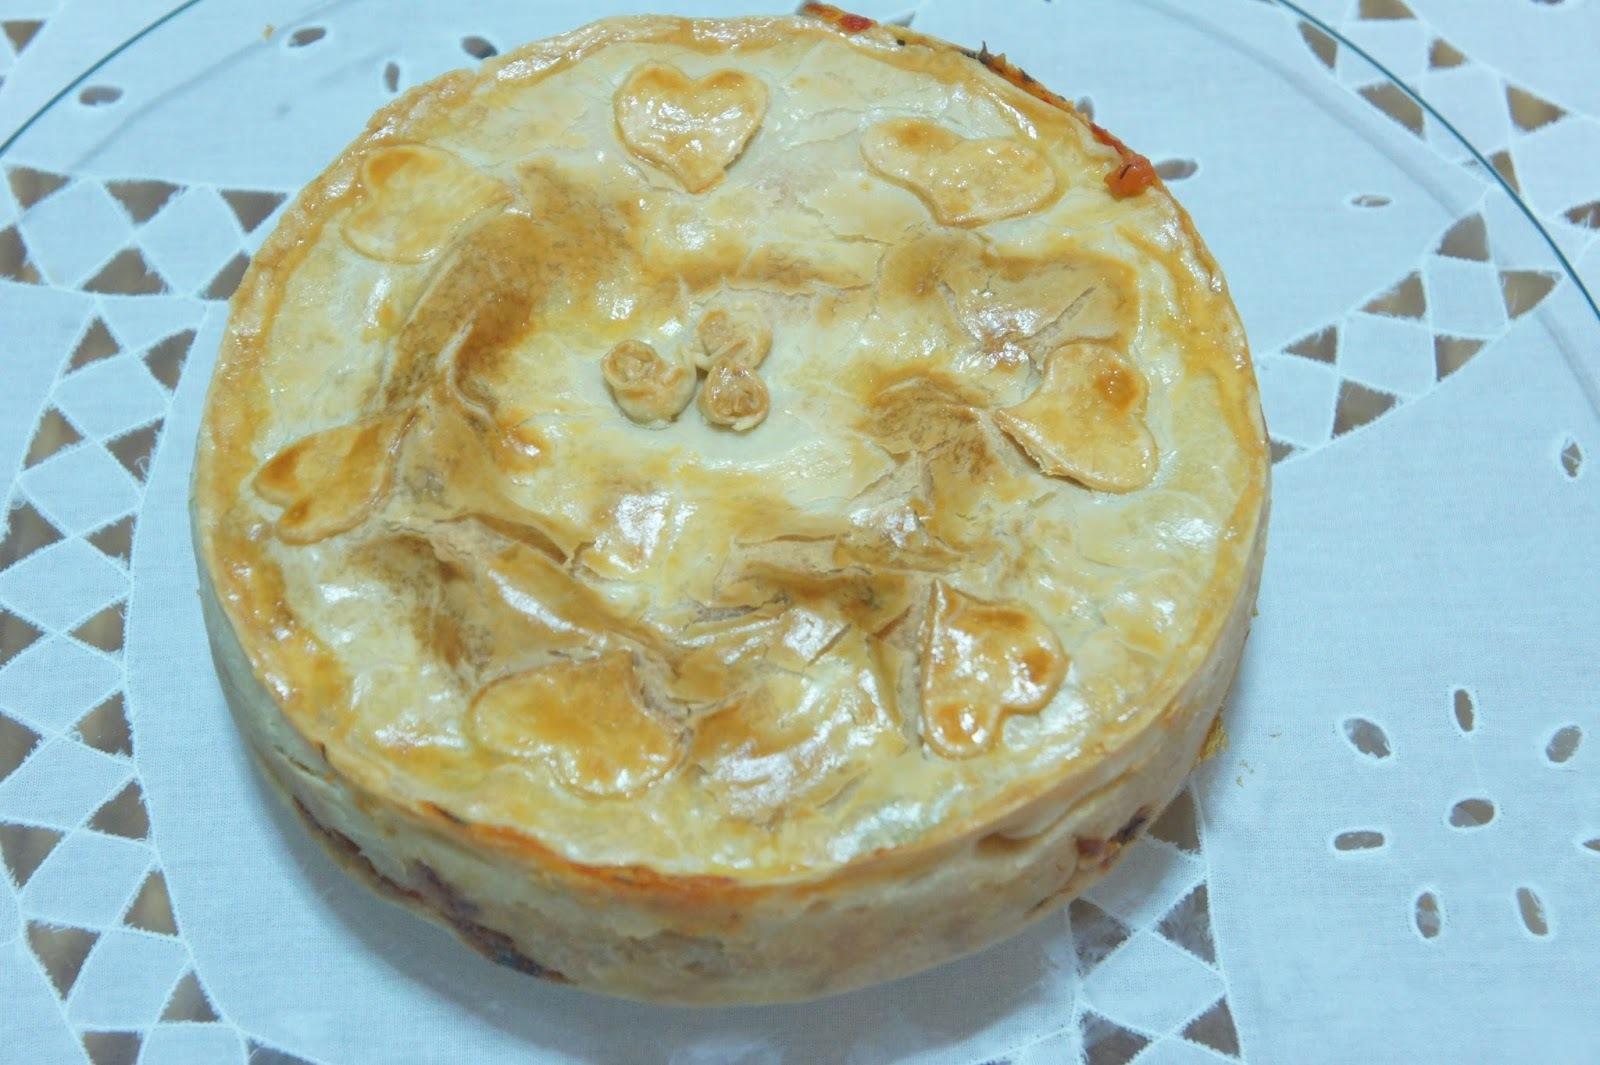 de torta de frango com palmito bacalhau